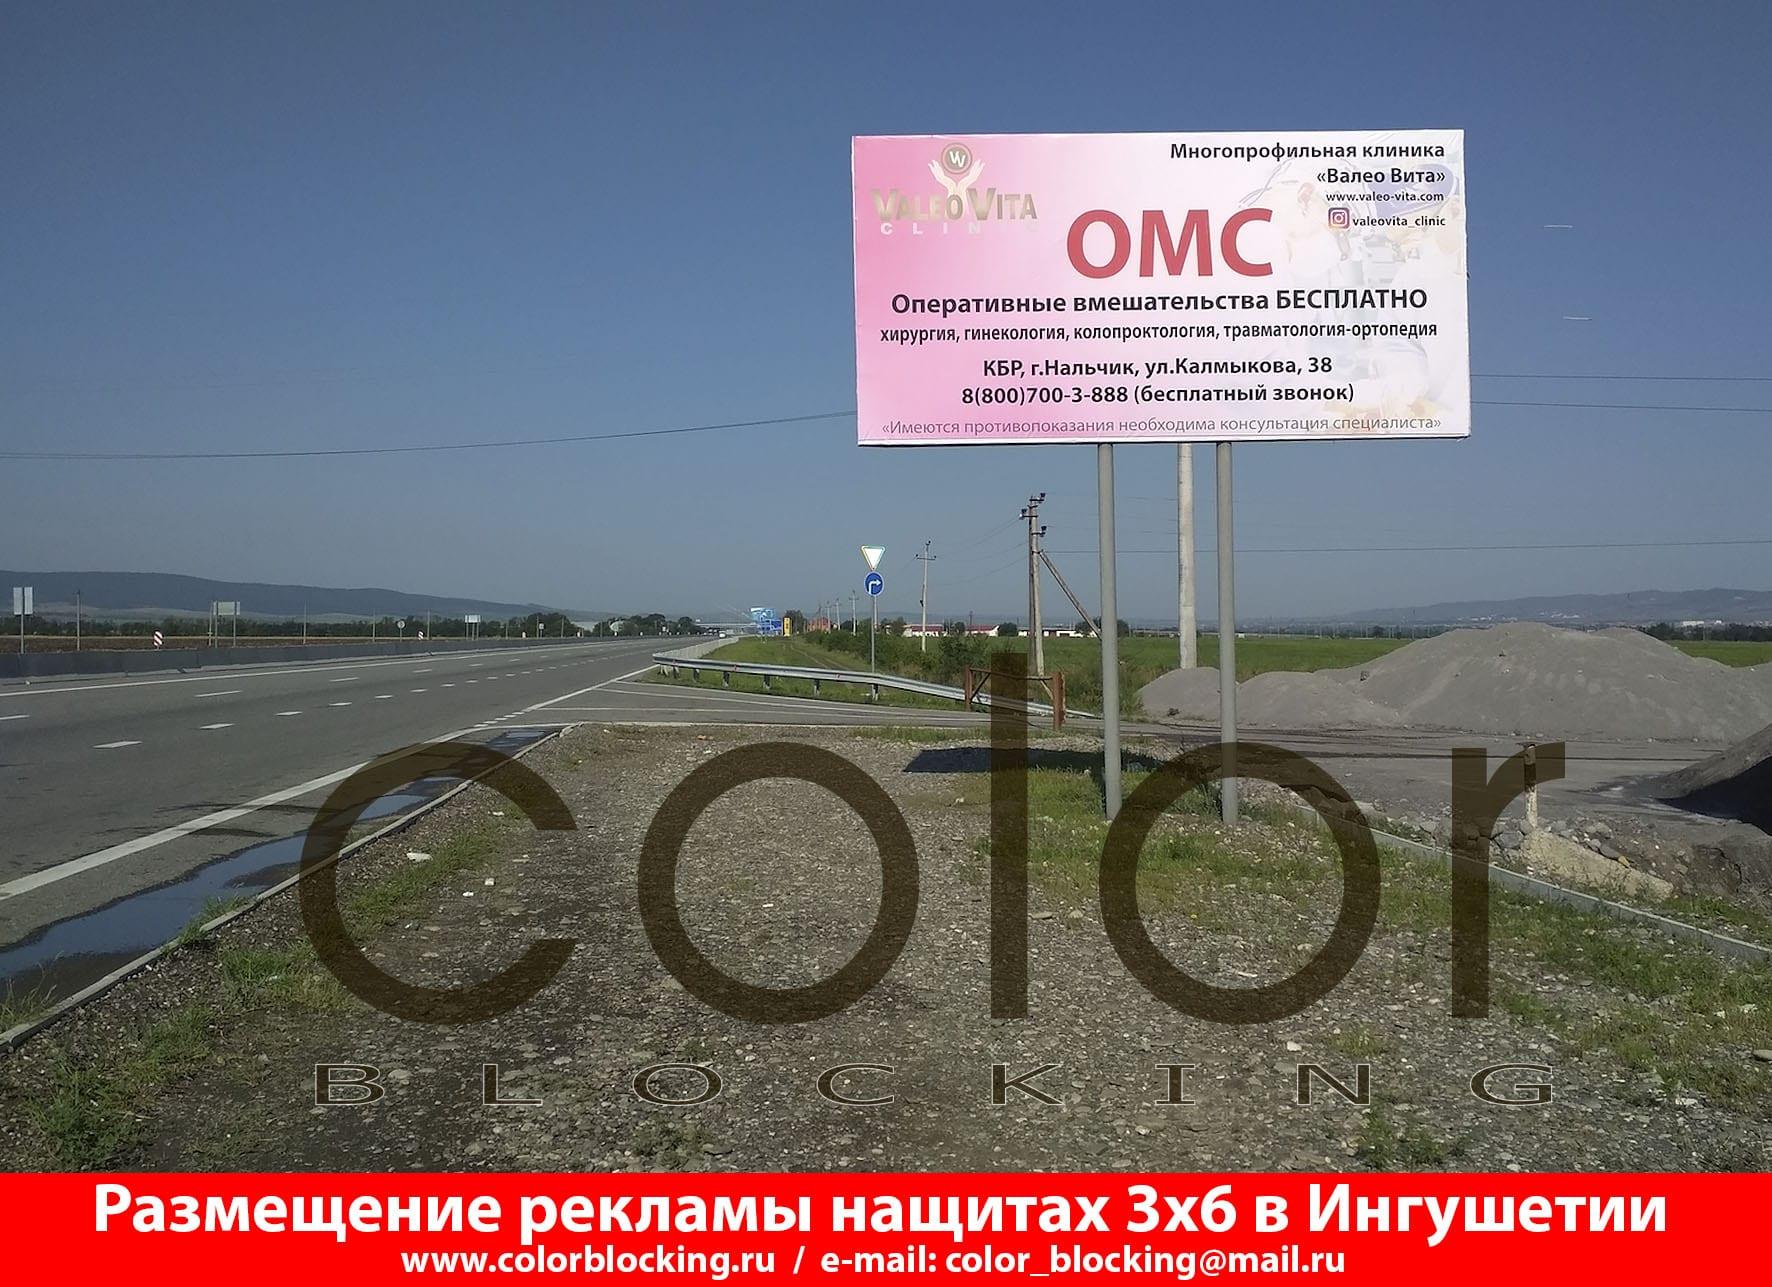 Реклама на щитах 3х6 в Ингушетии собственник